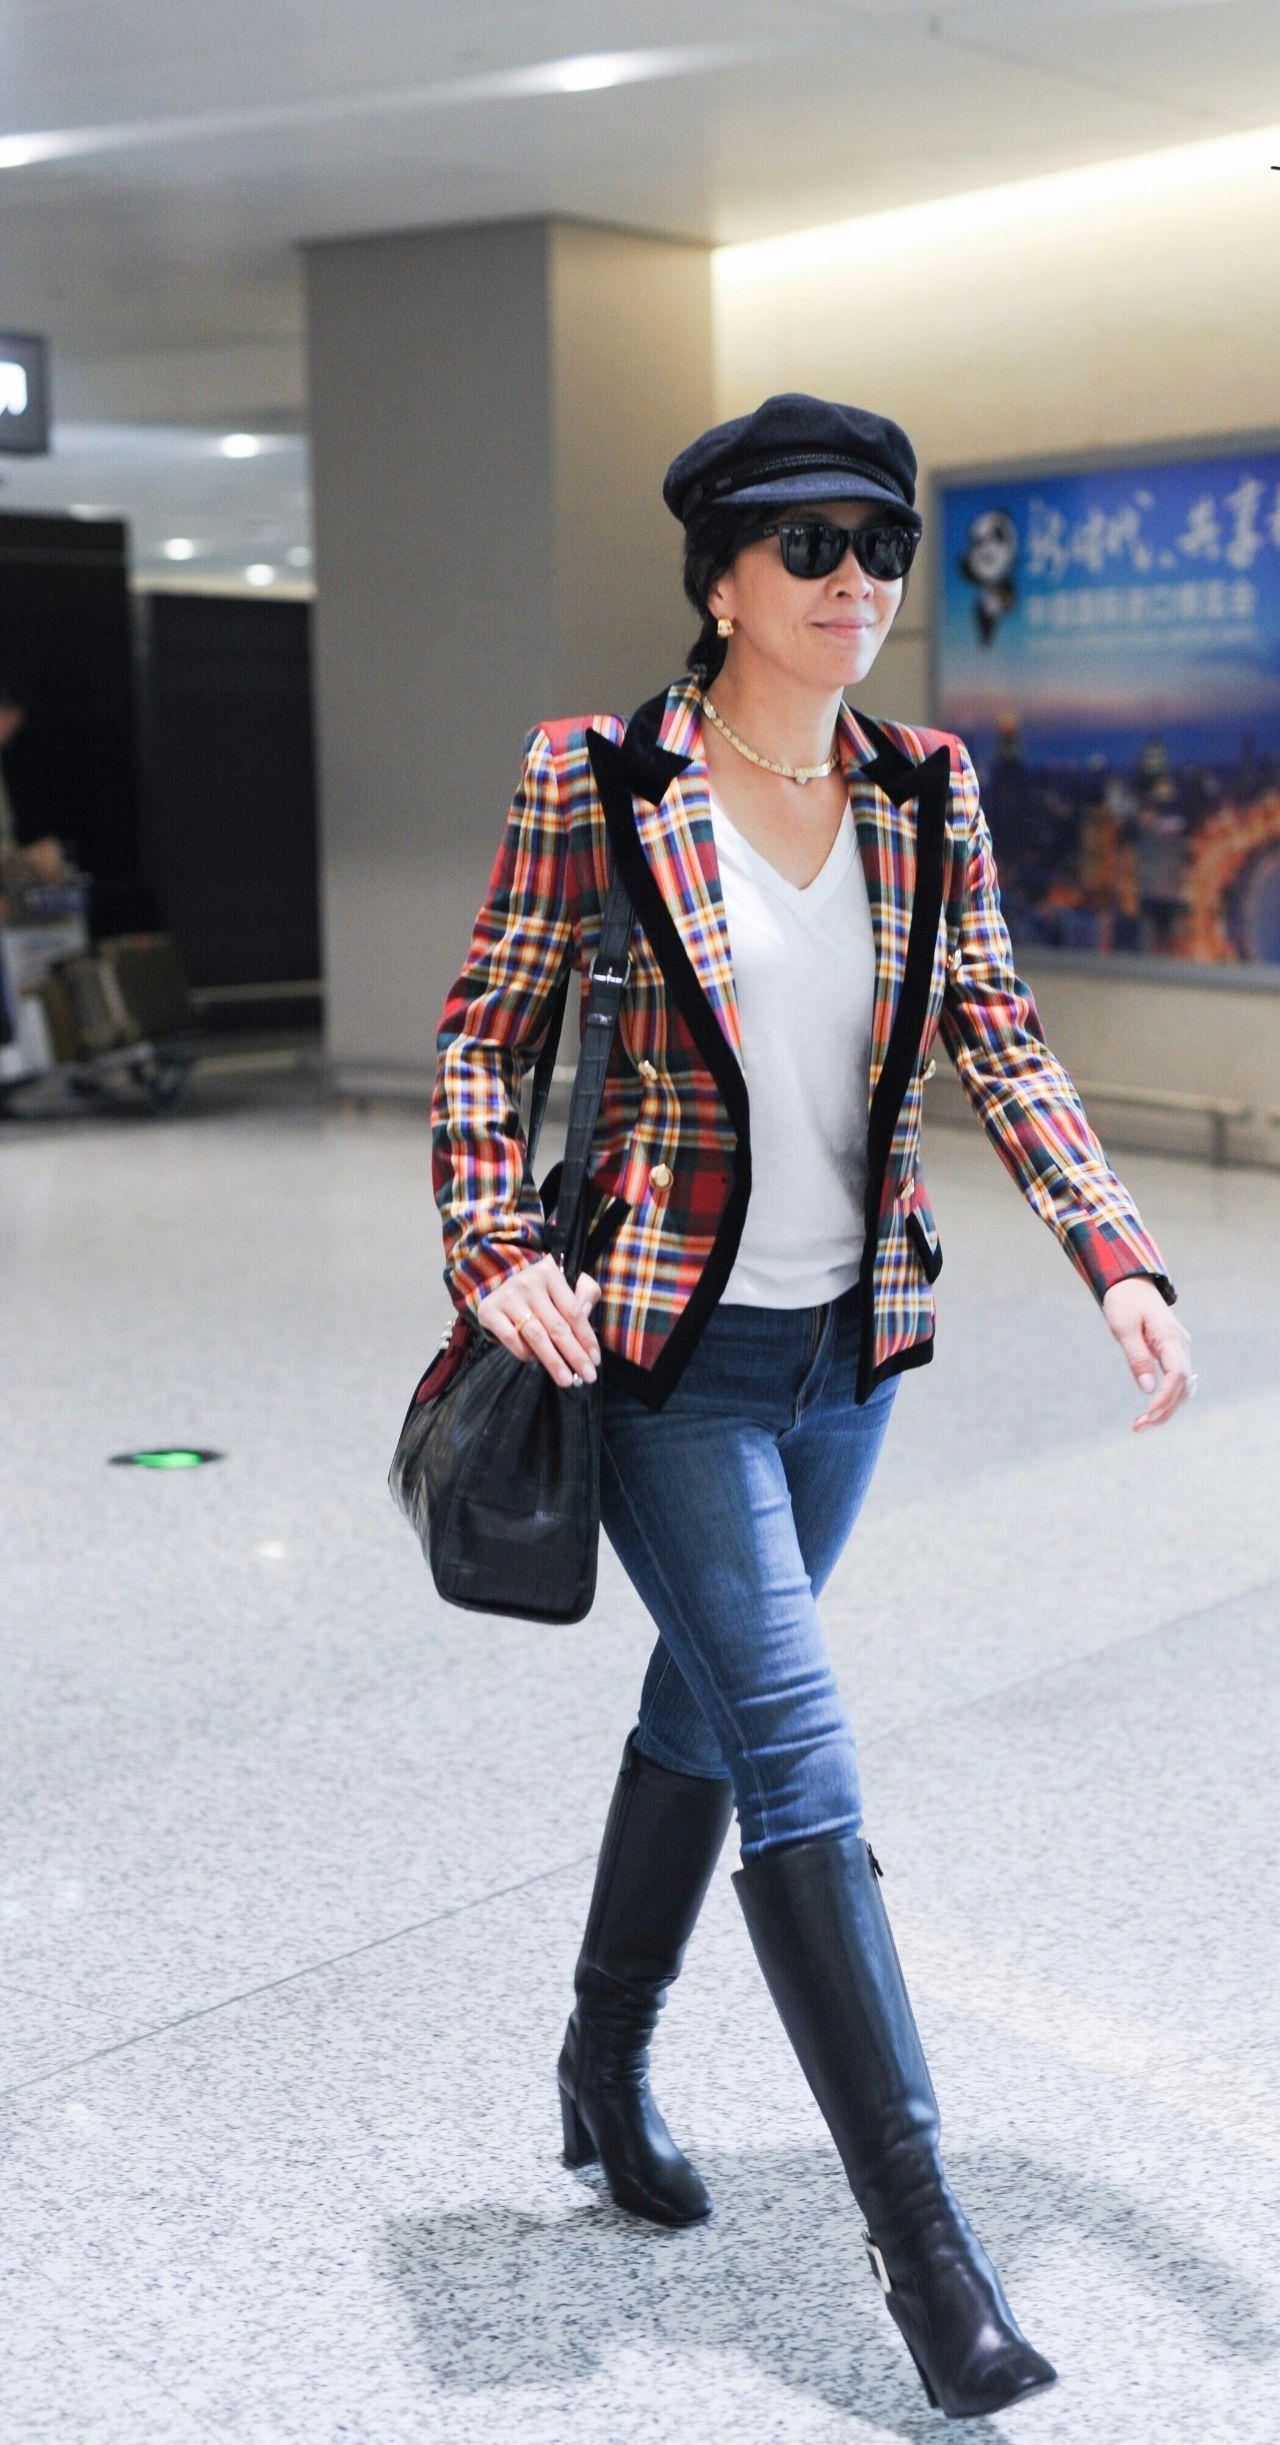 刘嘉玲还能穿这么紧的裤子,23岁的身材,53岁的脸?